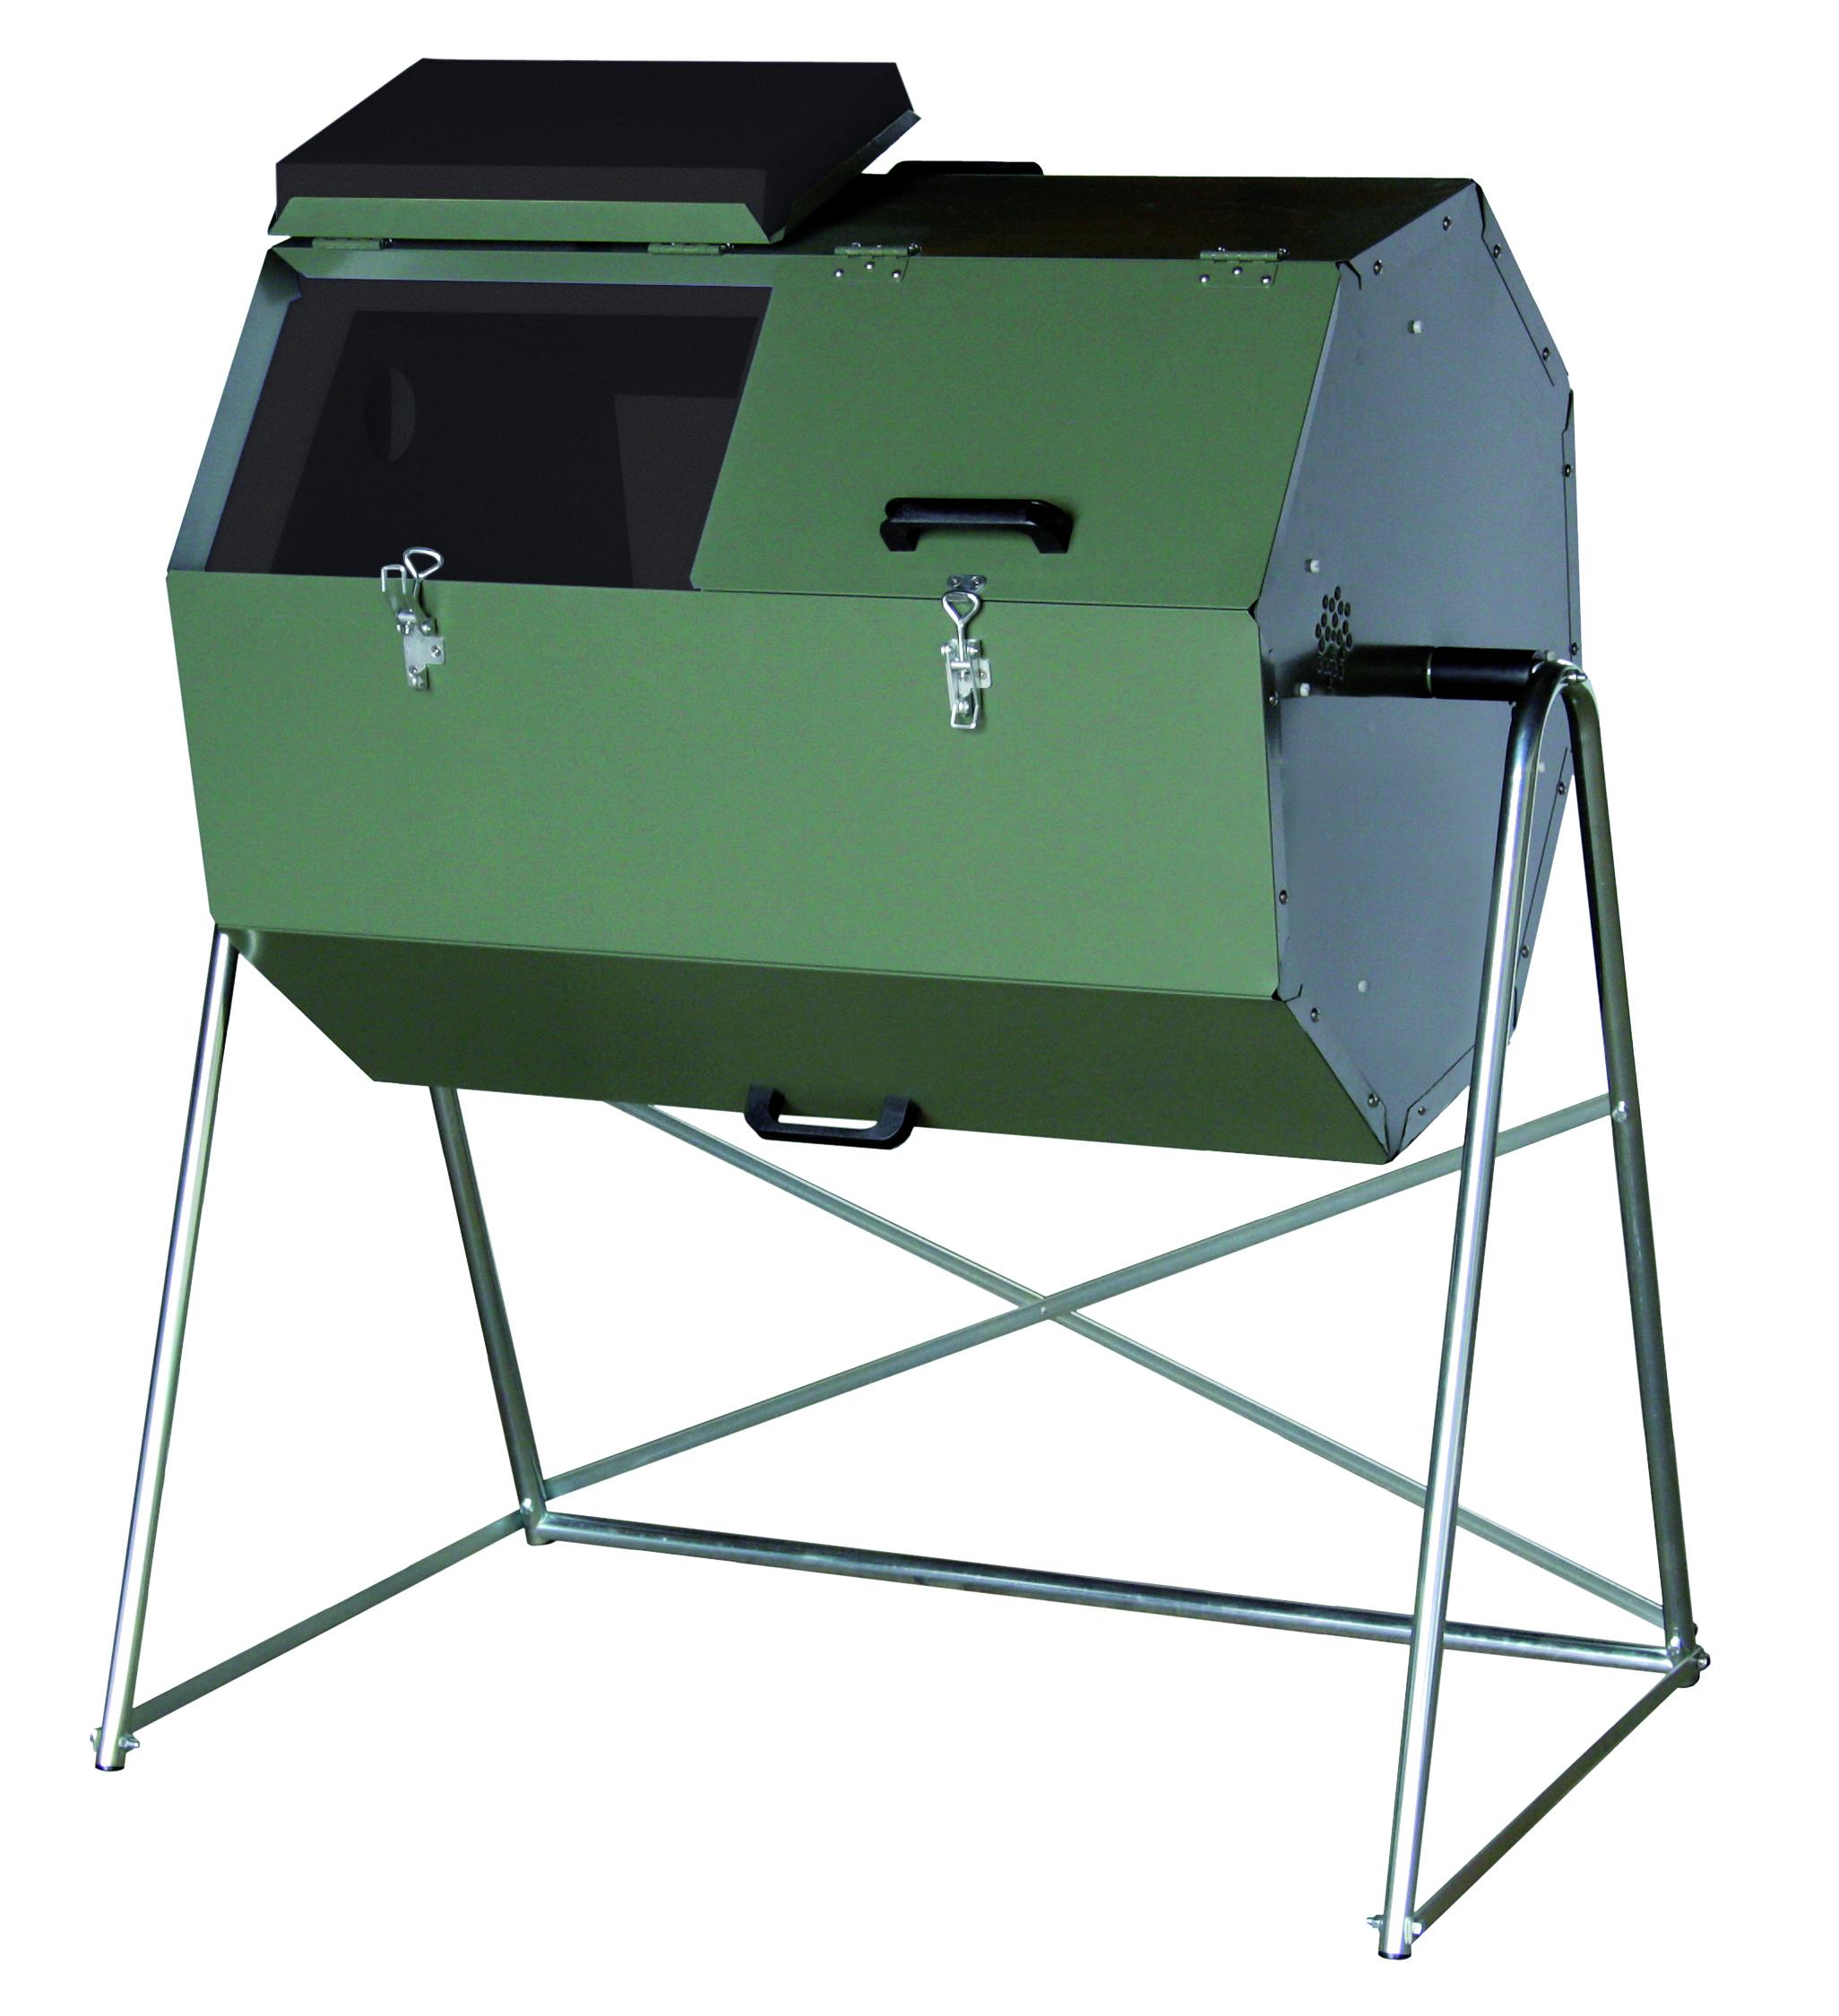 Jora JK270 trommel composter